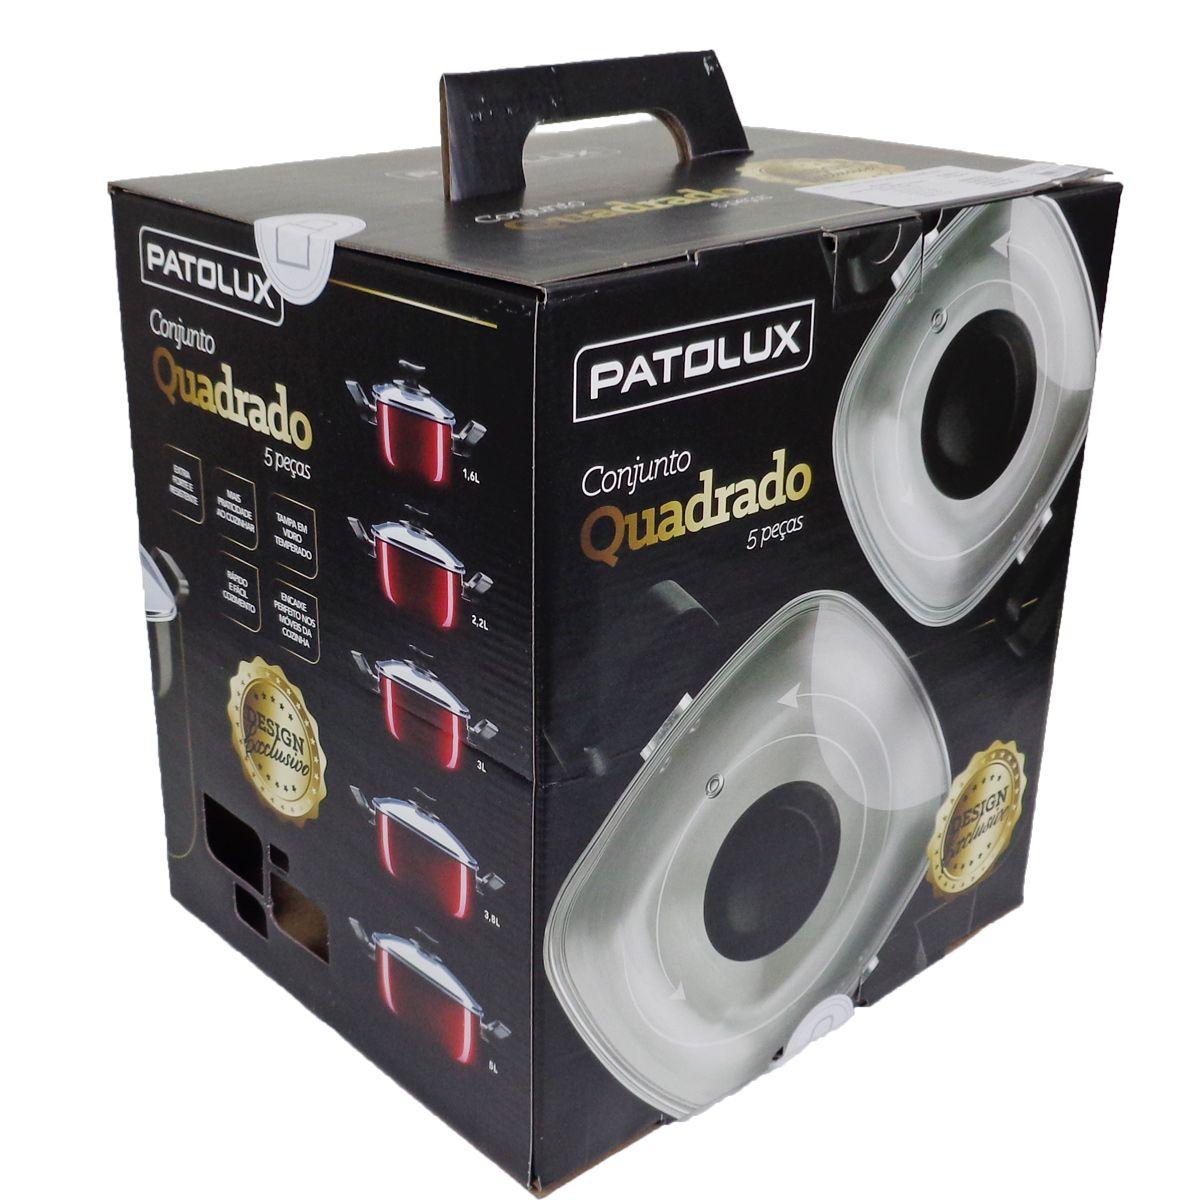 Conjunto De Panelas Caçarola Quadrada Vermelha 5 Peças Patolux